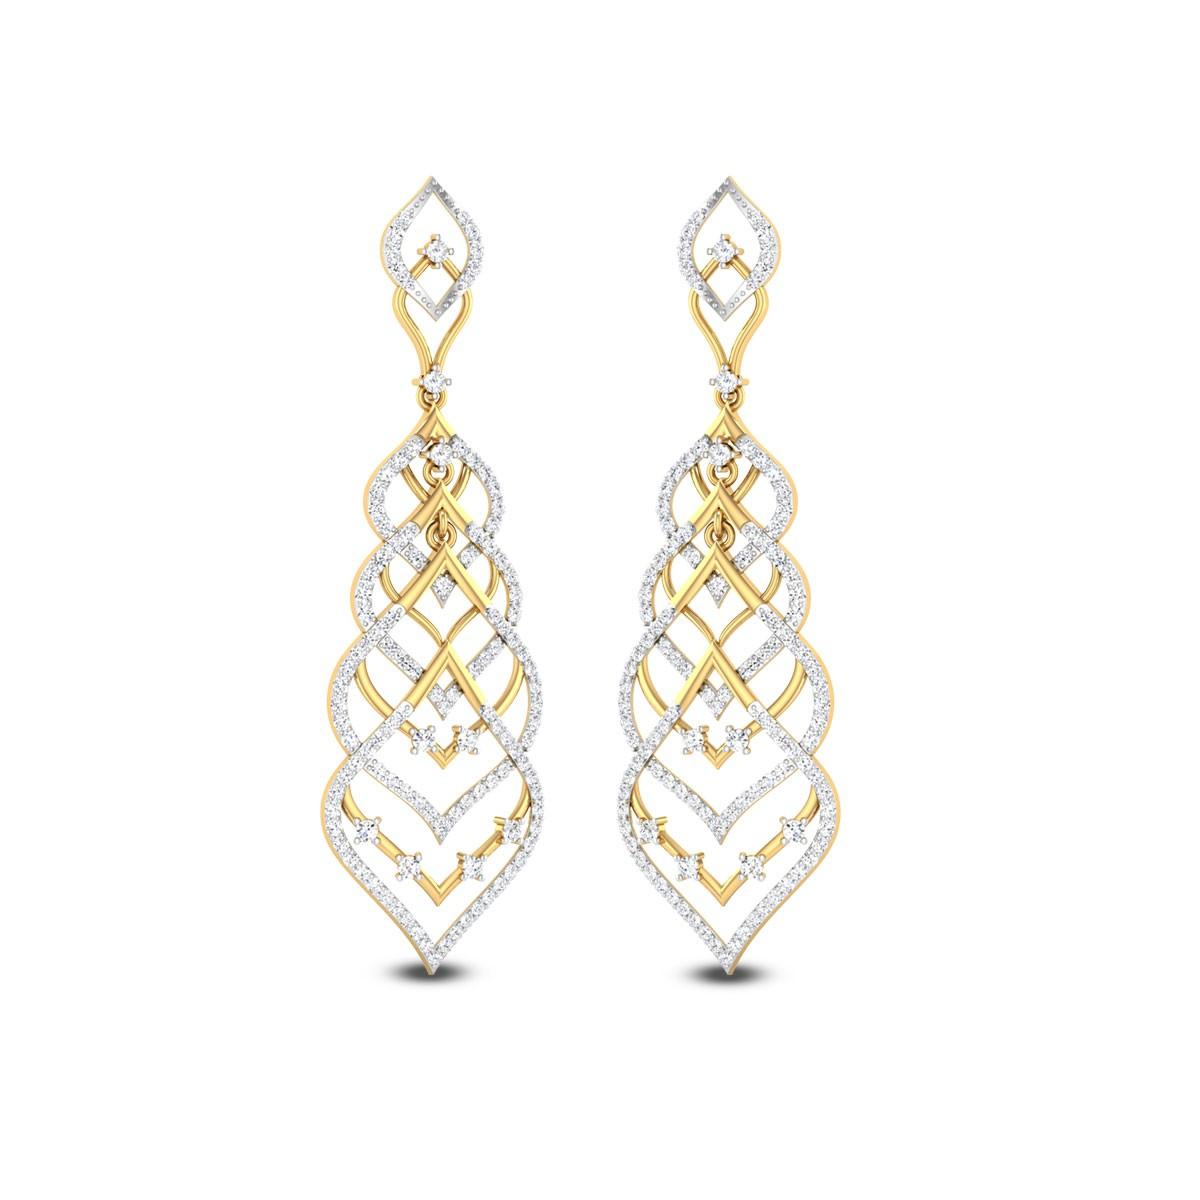 Fain Diamond Earrings